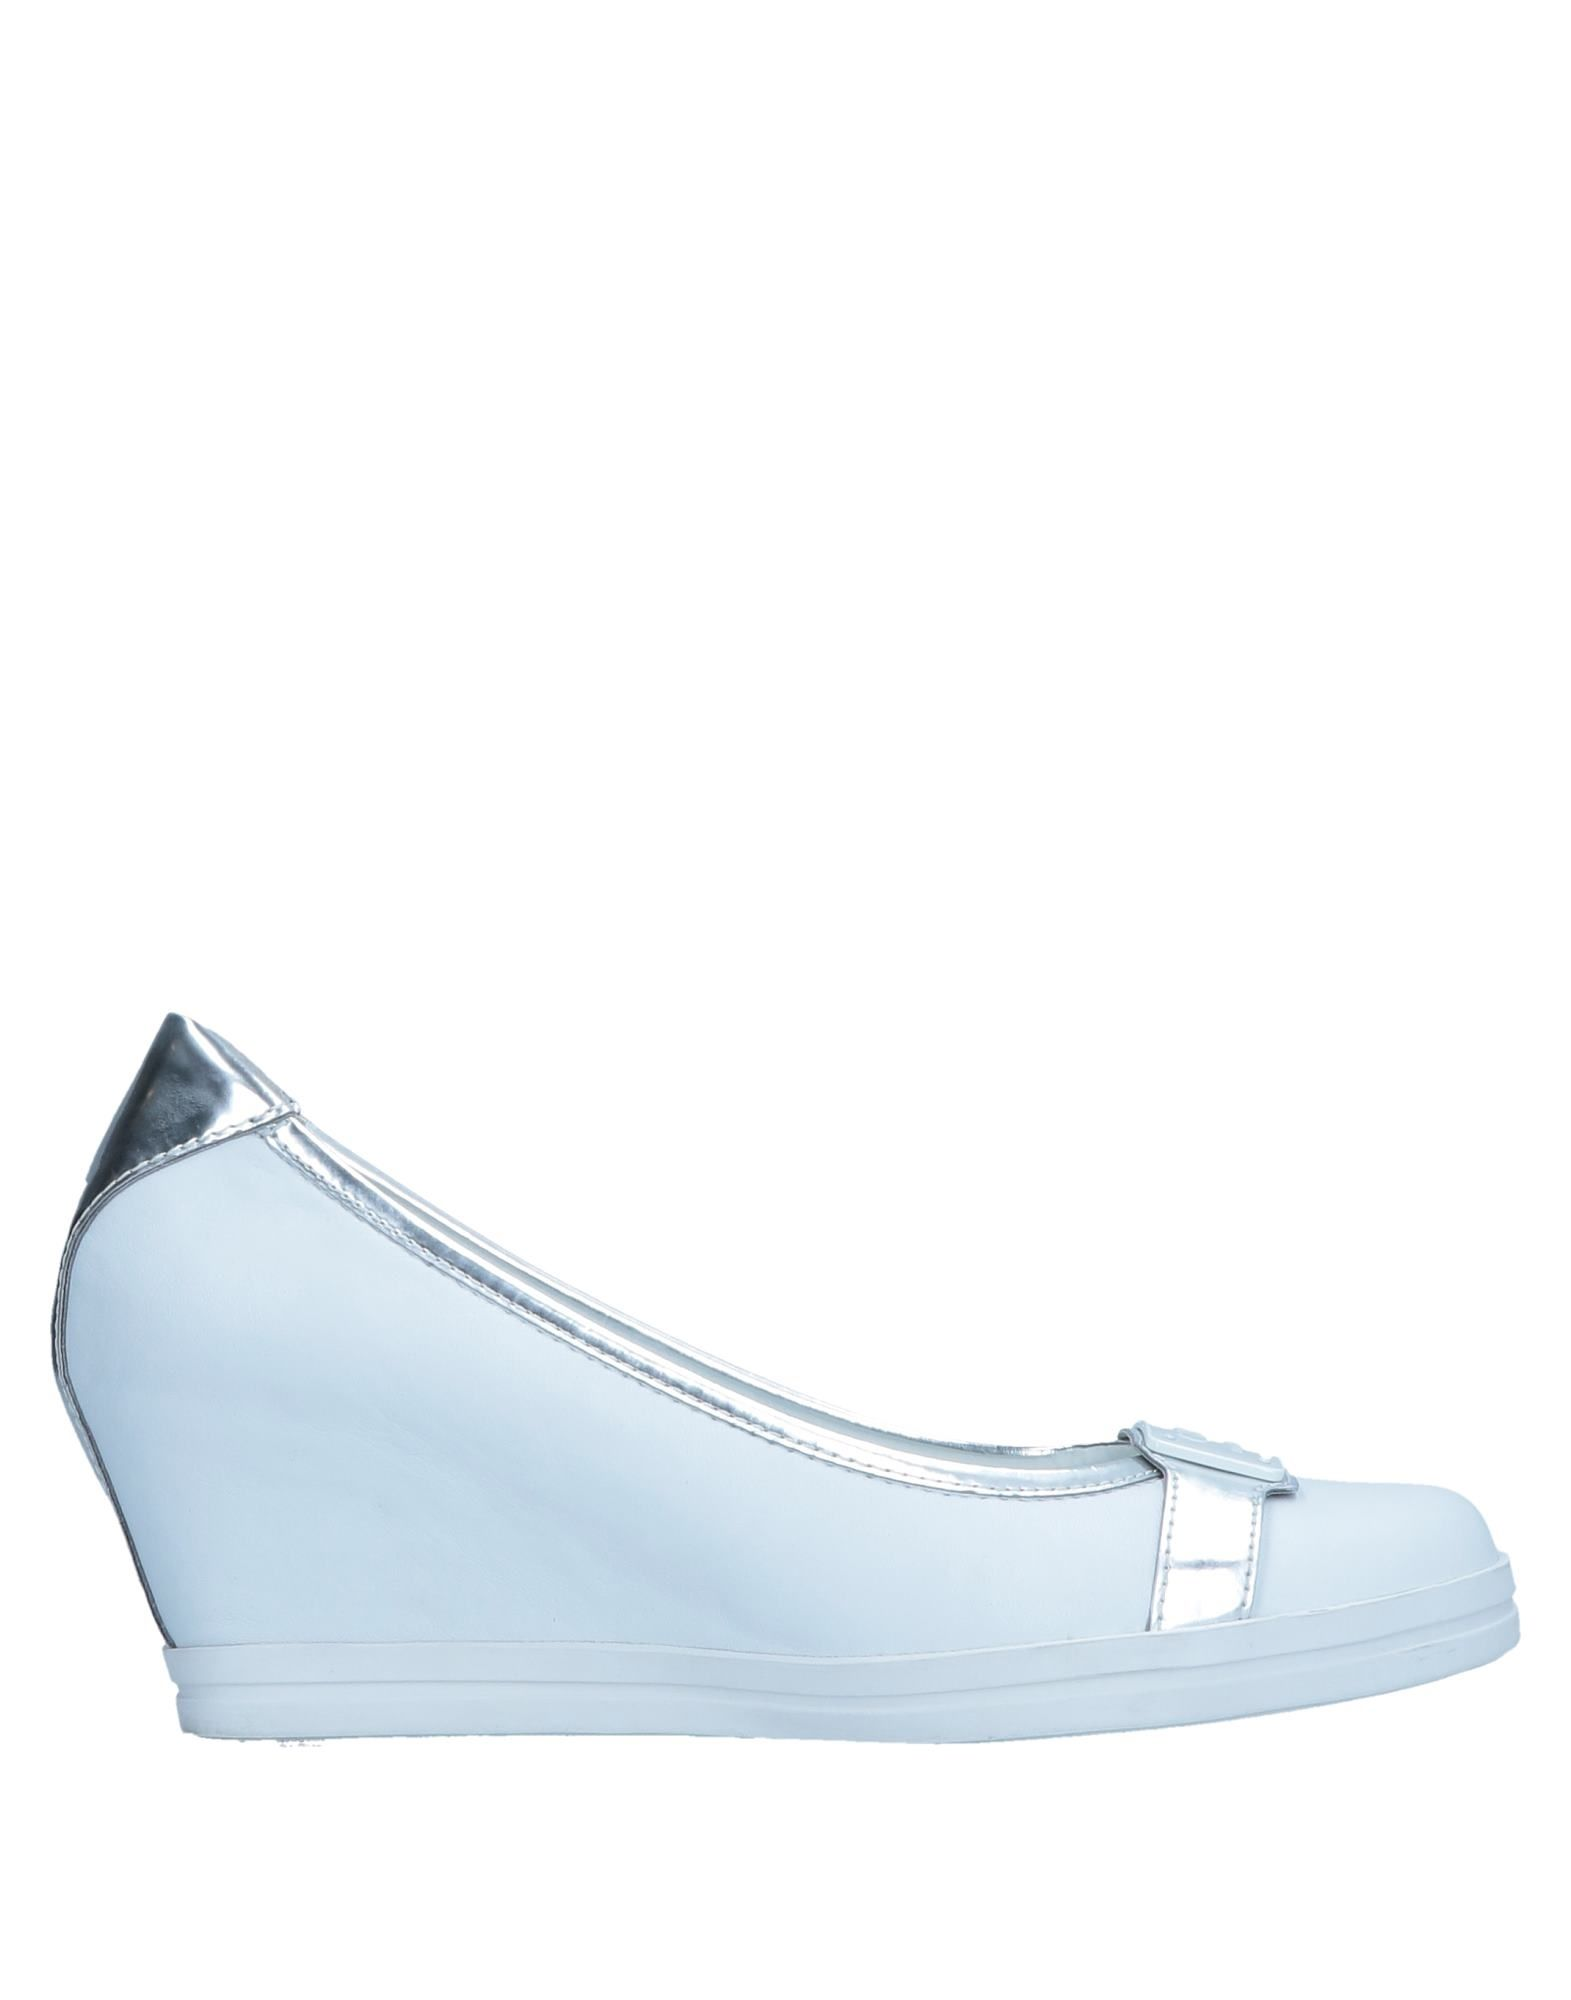 Mocassino Ras Donna - 11237572VM comode Nuove offerte e scarpe comode 11237572VM 87eeaf